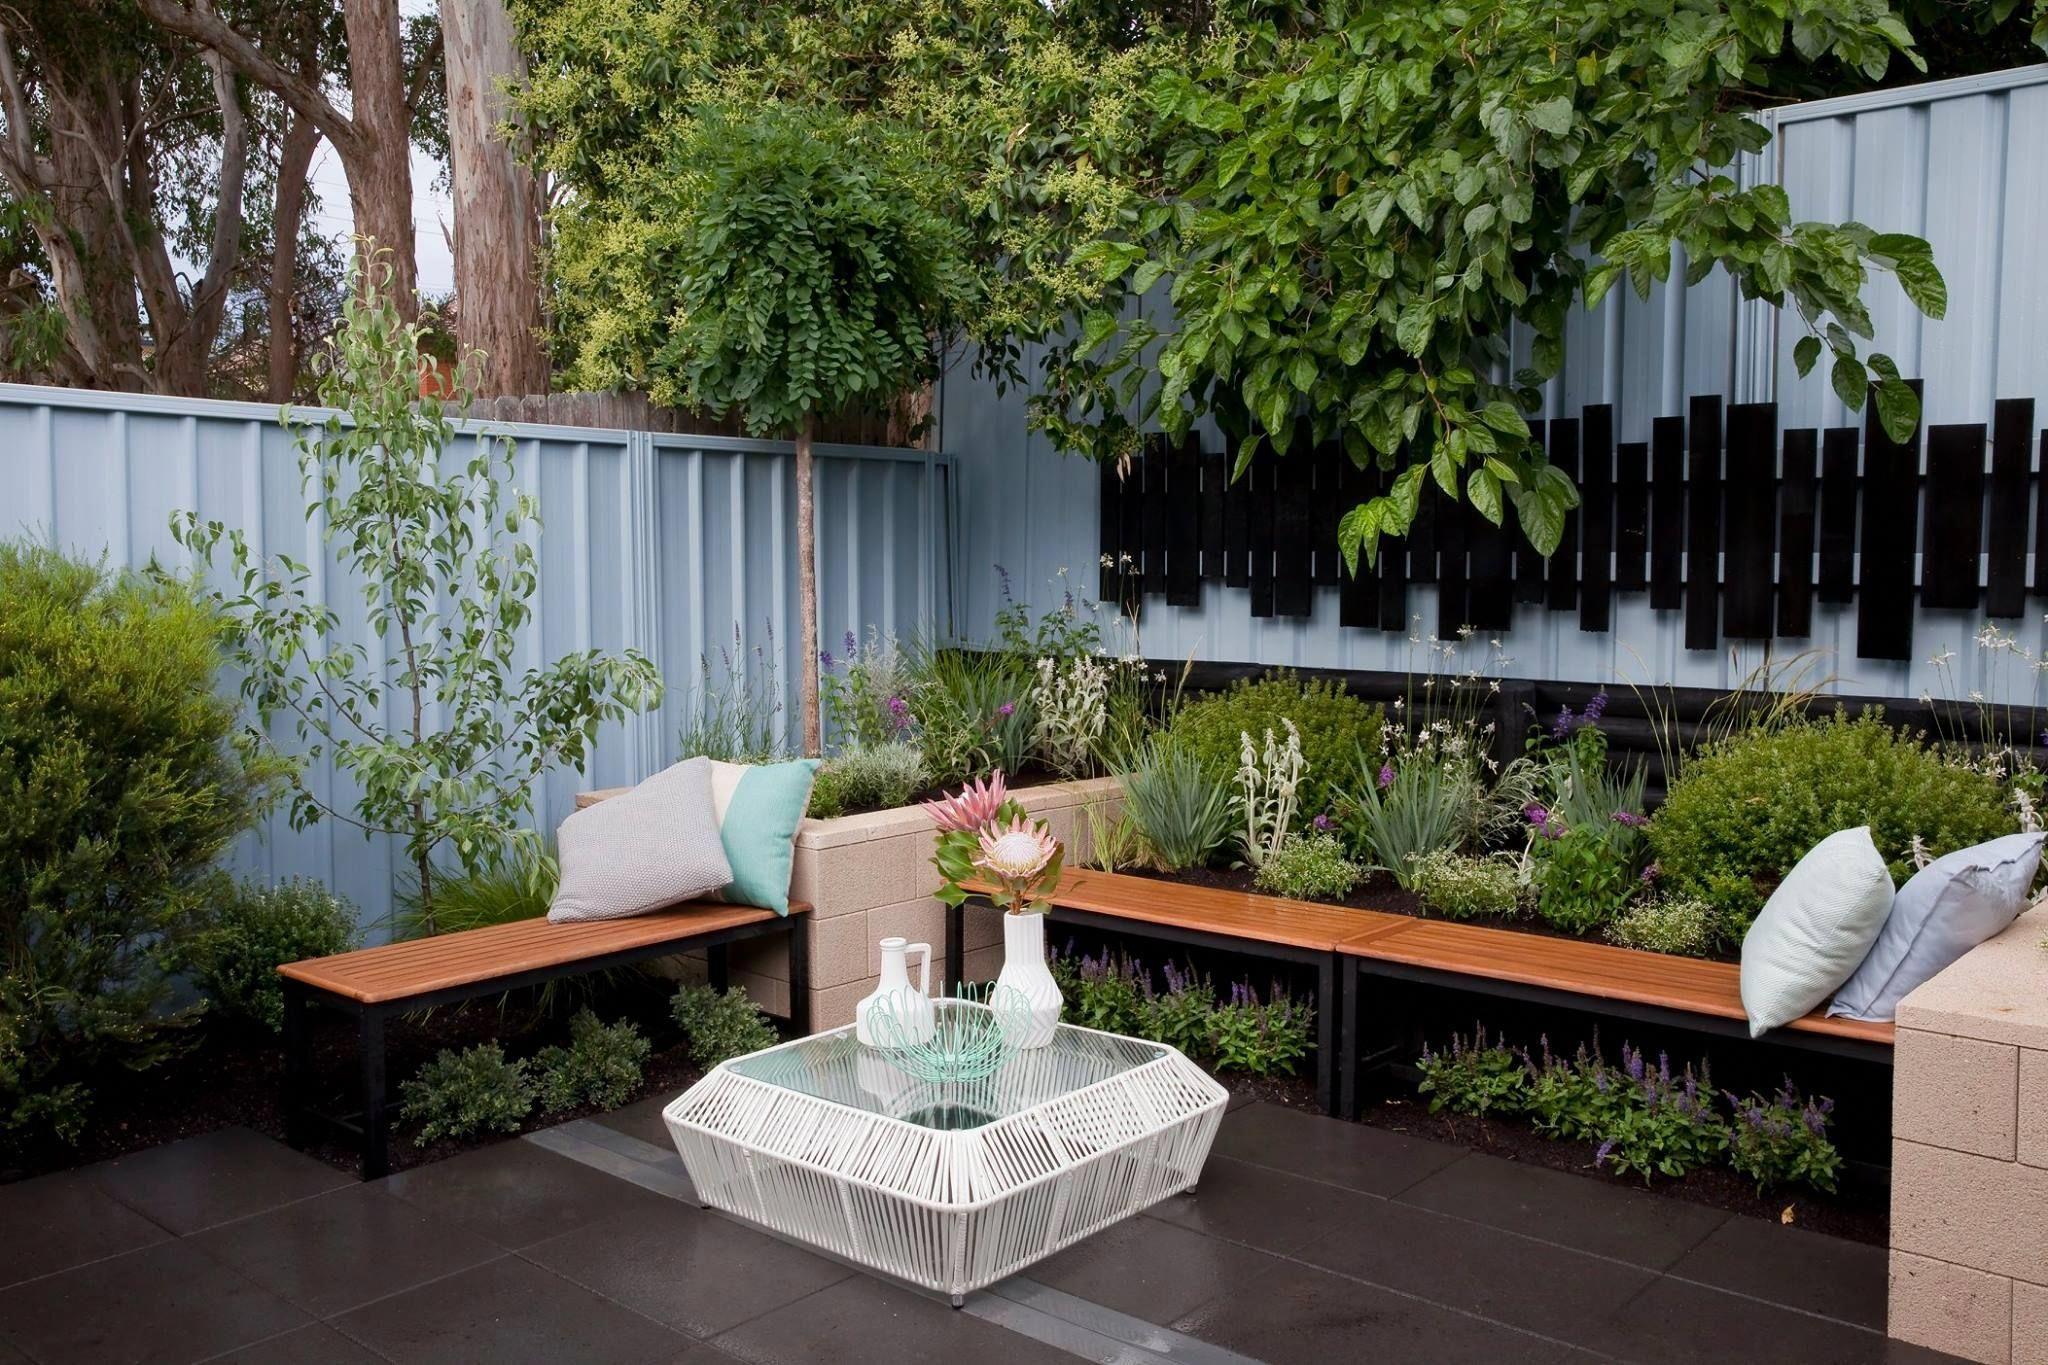 ec8156ec6204e88051735a6b77edd65e - Submit Photos To Better Homes And Gardens